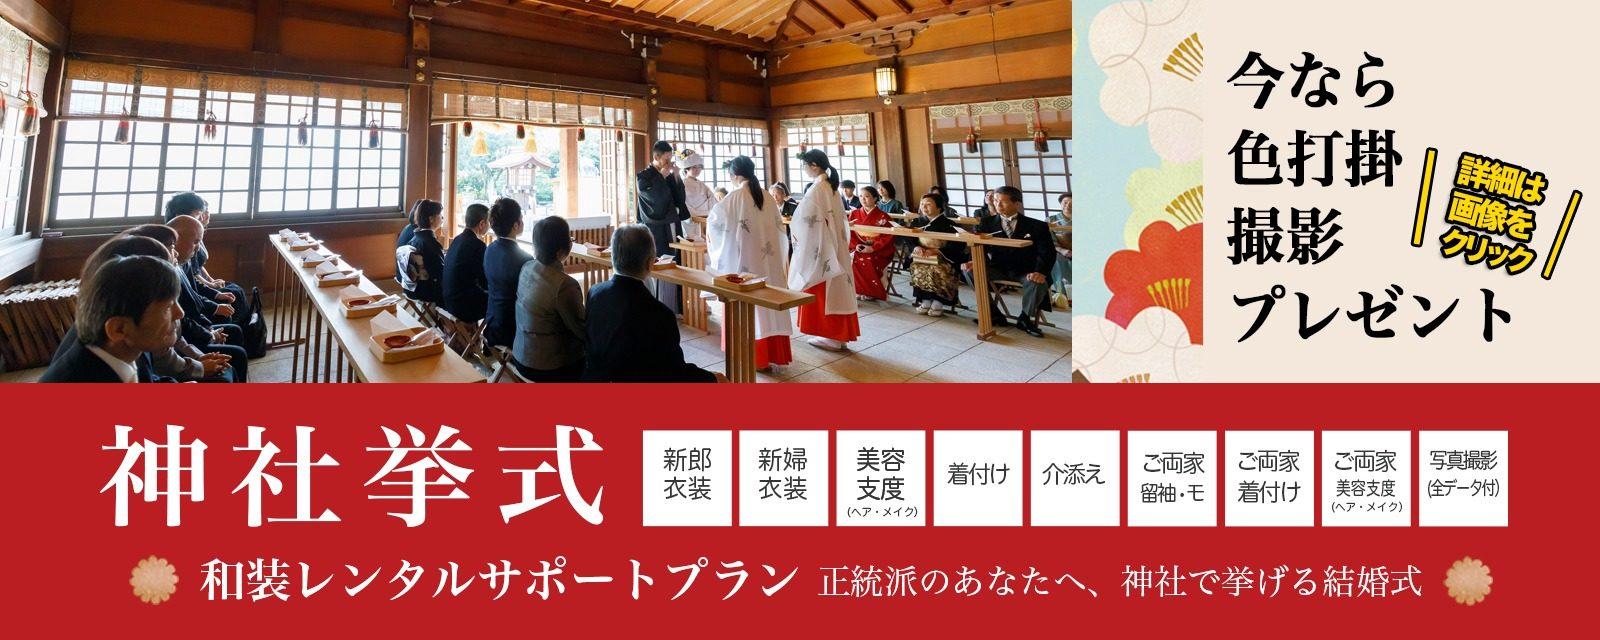 神社挙式 福岡 熊本 鹿児島